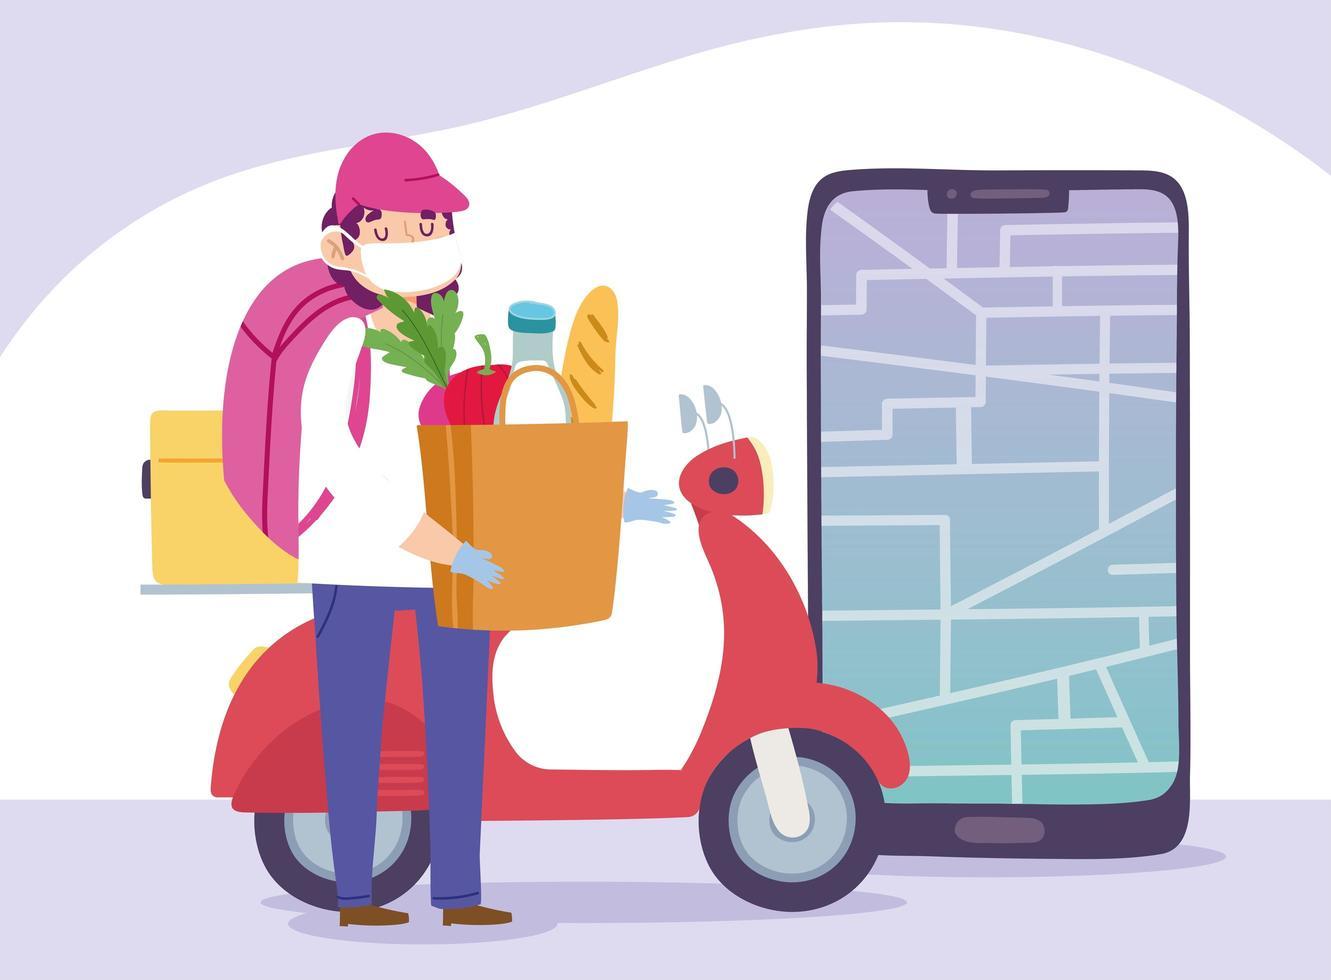 concetto di consegna sicura durante il coronavirus con corriere e scooter vettore